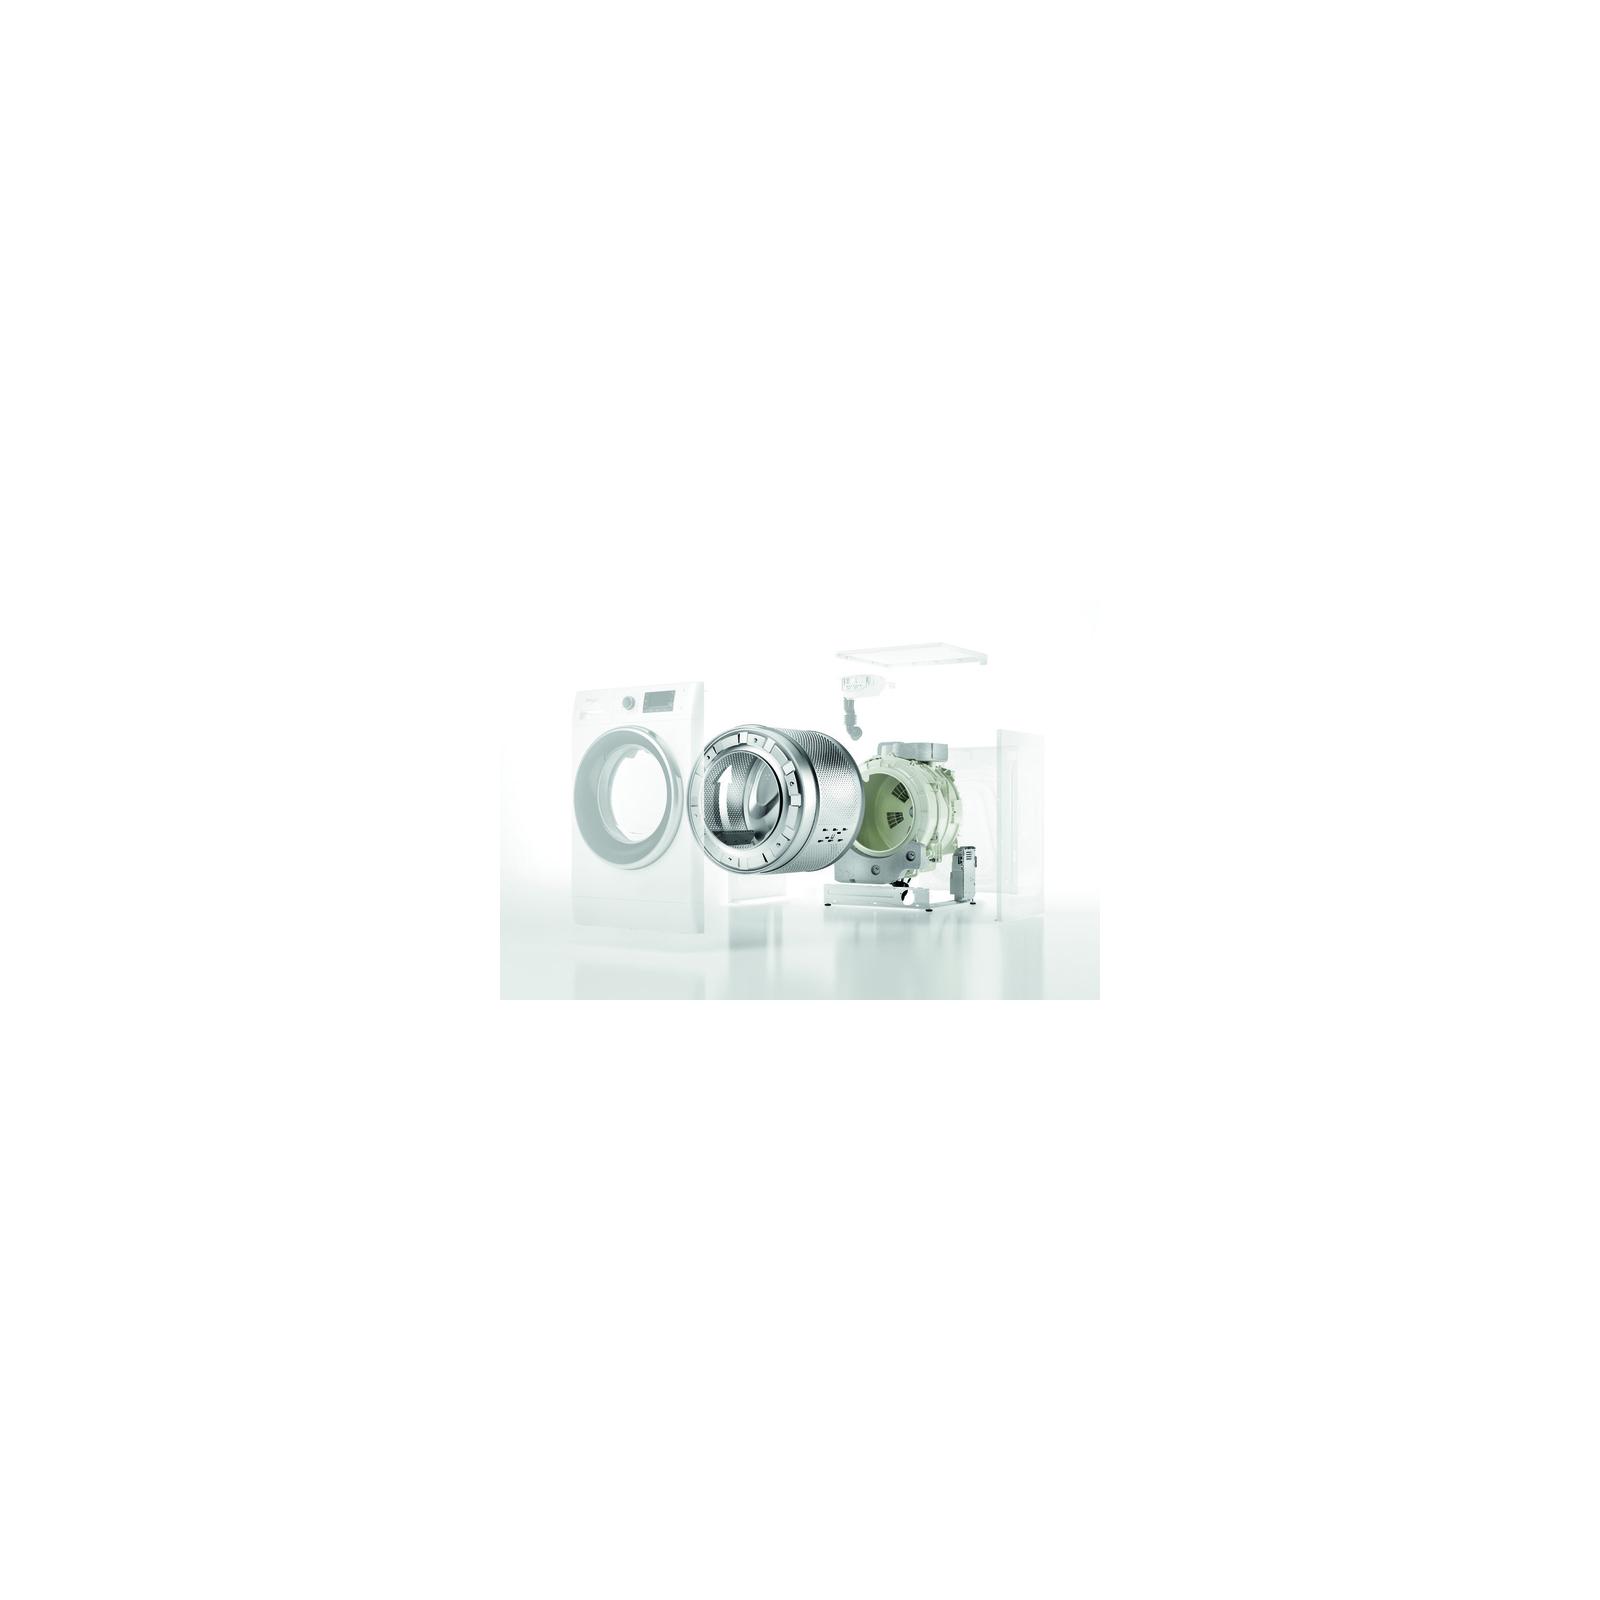 Стиральная машина Whirlpool FWSG61283BVEE изображение 3